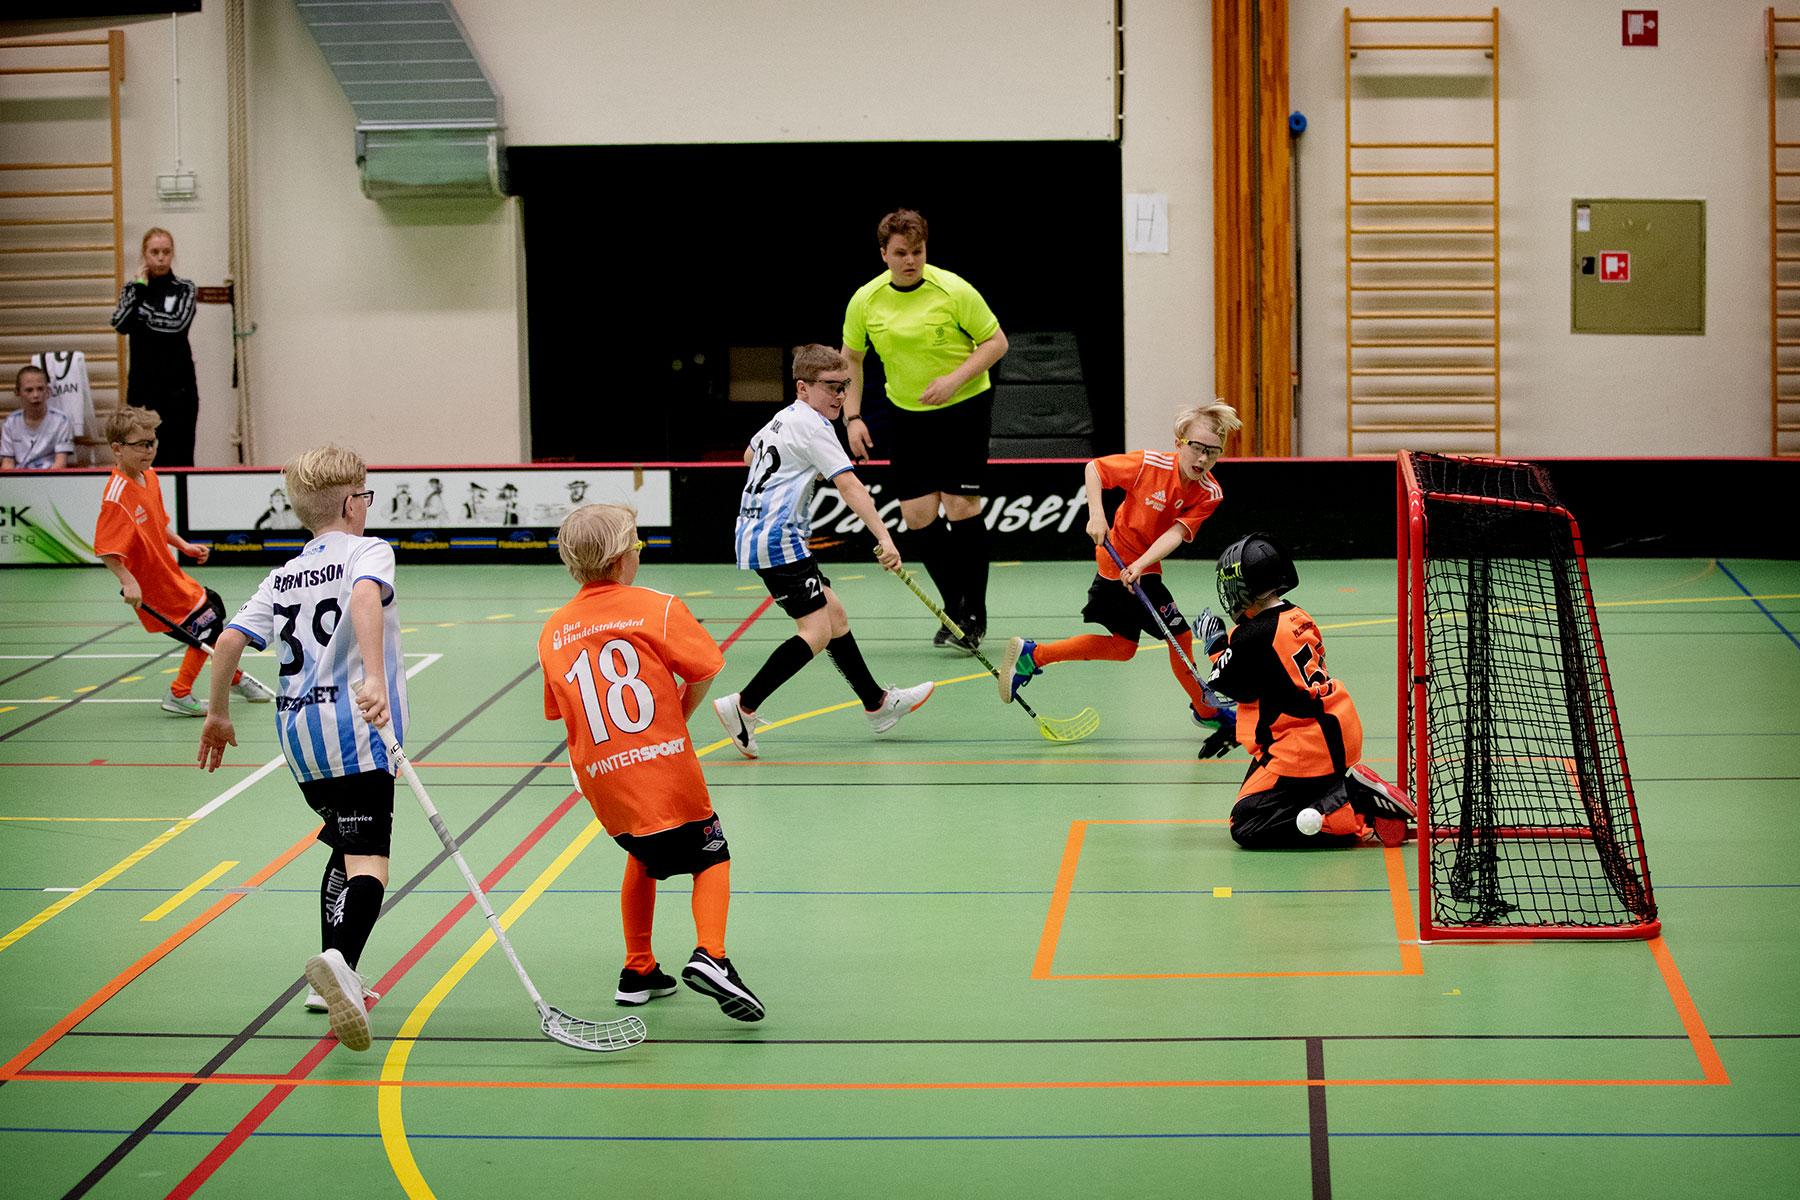 blogg-190407varbergsspelen12.jpg